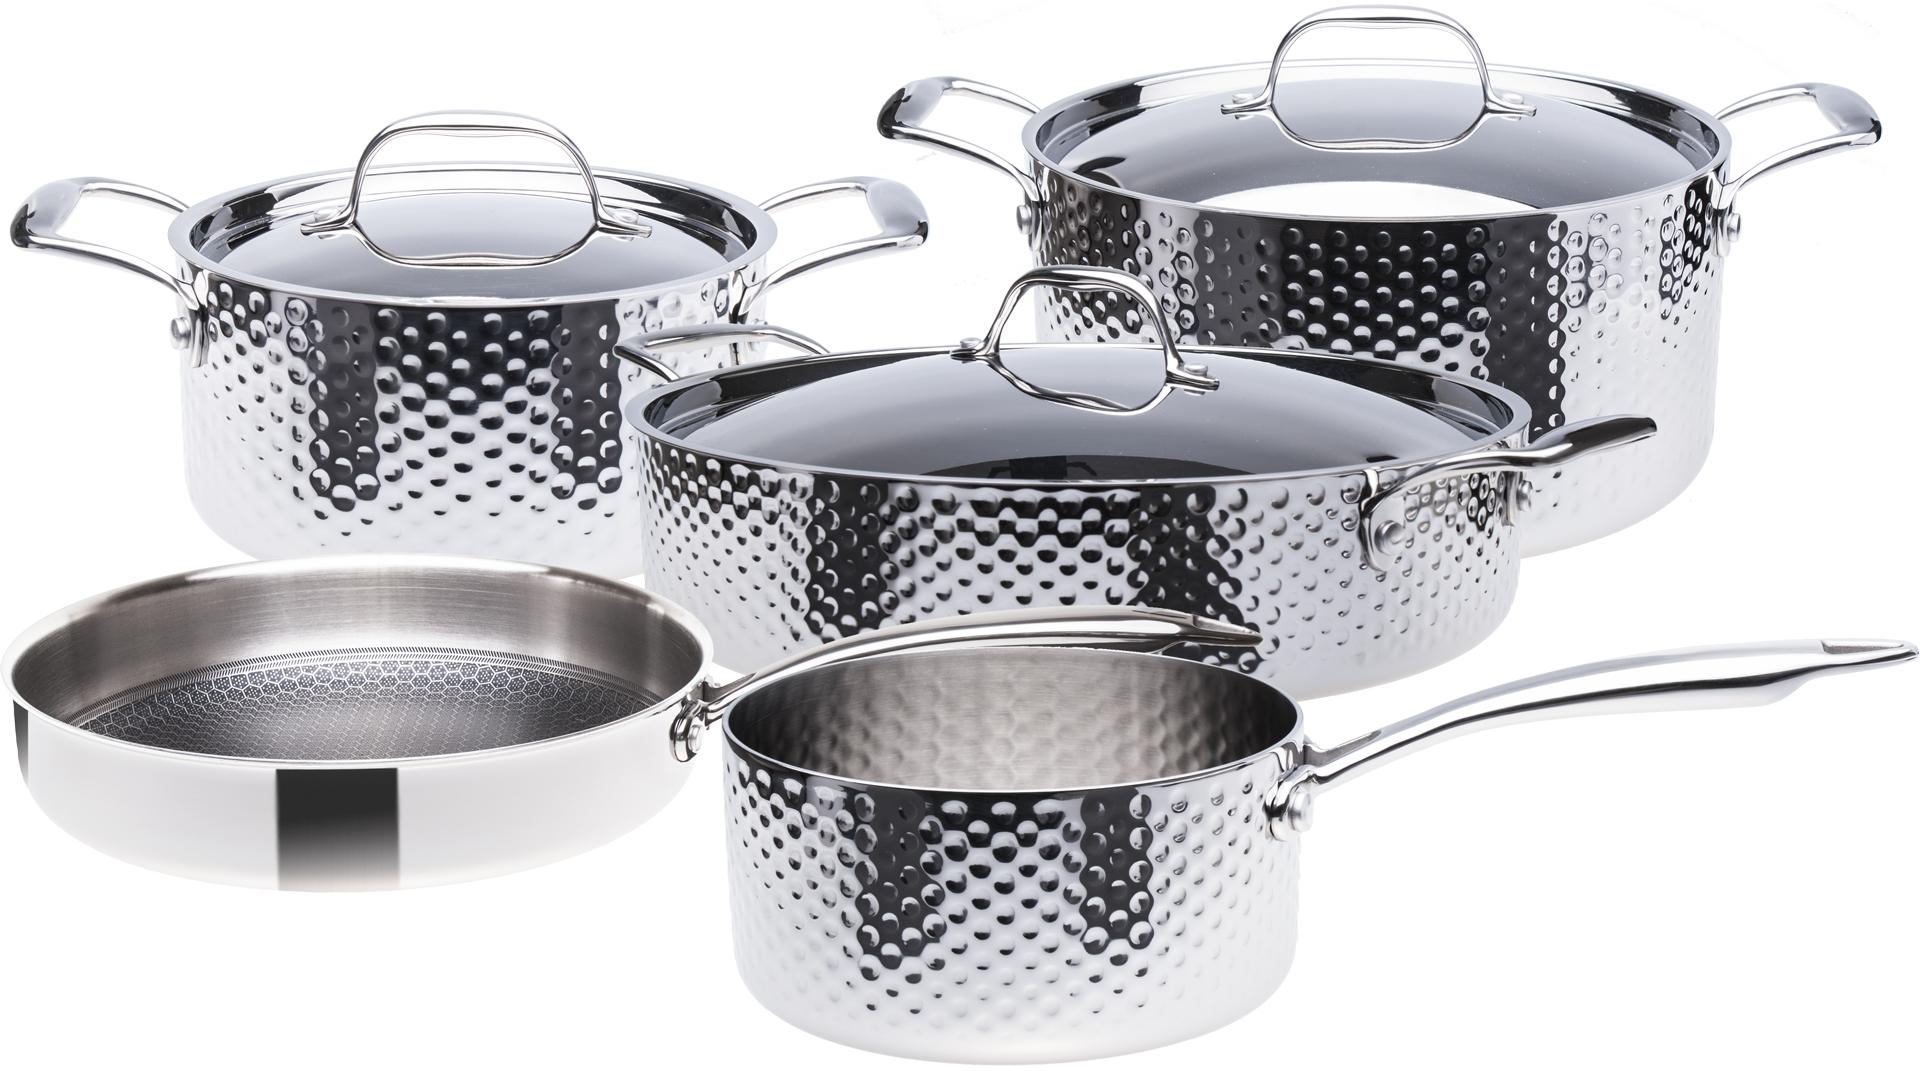 Sada nerezového nádobí, 3vrstvé, indukční, 9 dílná, STEIN